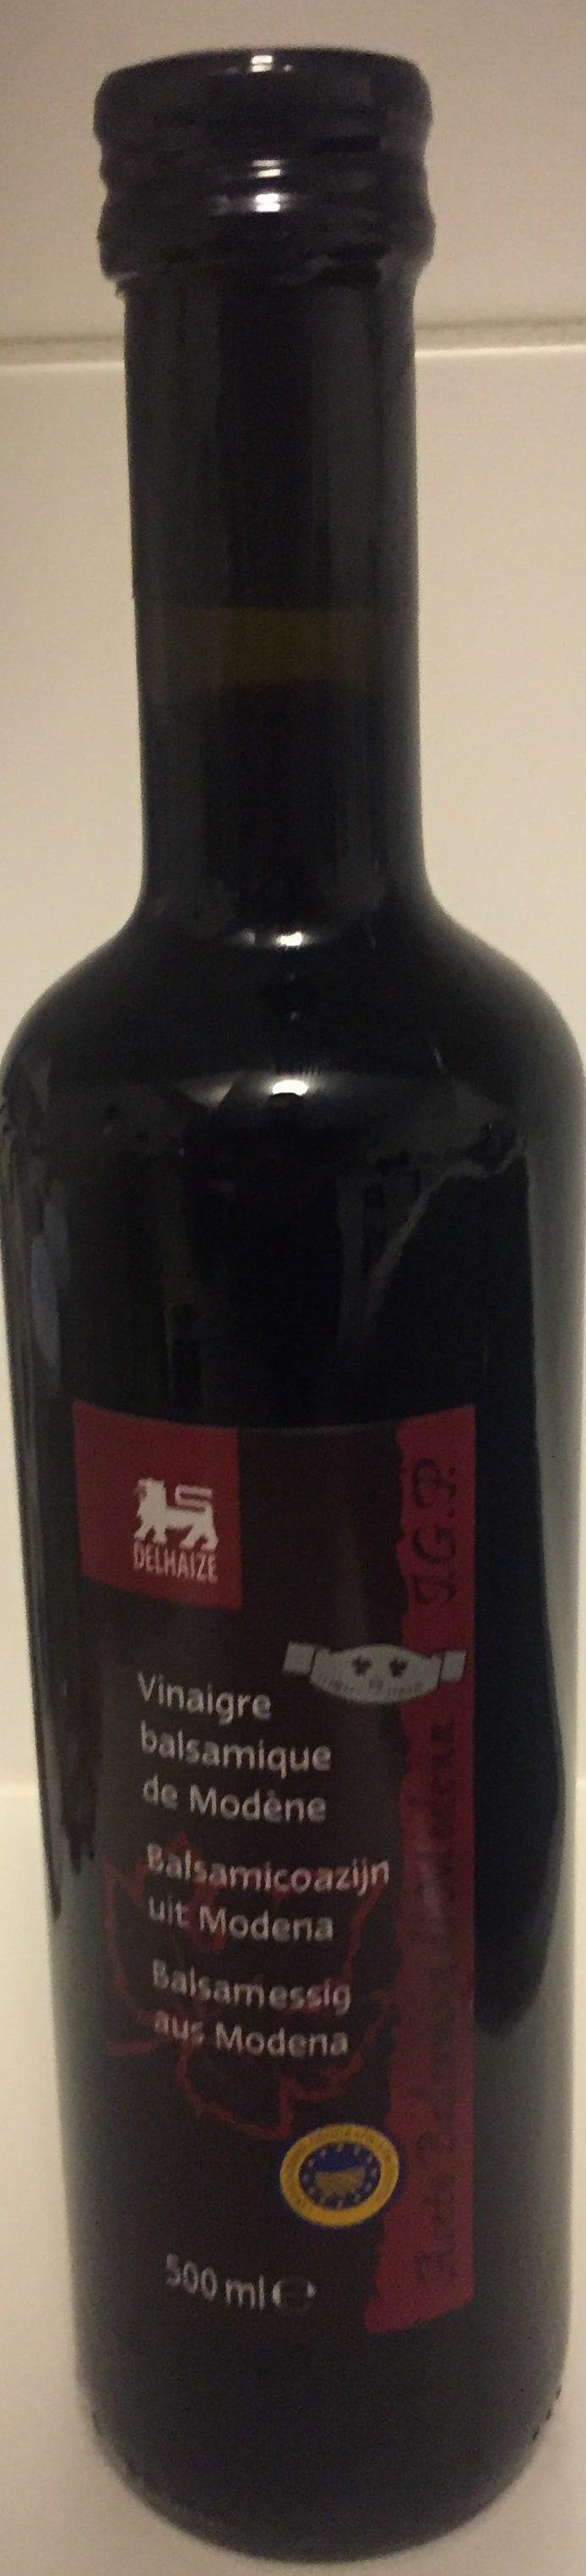 Vinaigre balsamique de mod ne delhaize 500 ml - Vinaigre balsamique calorie ...